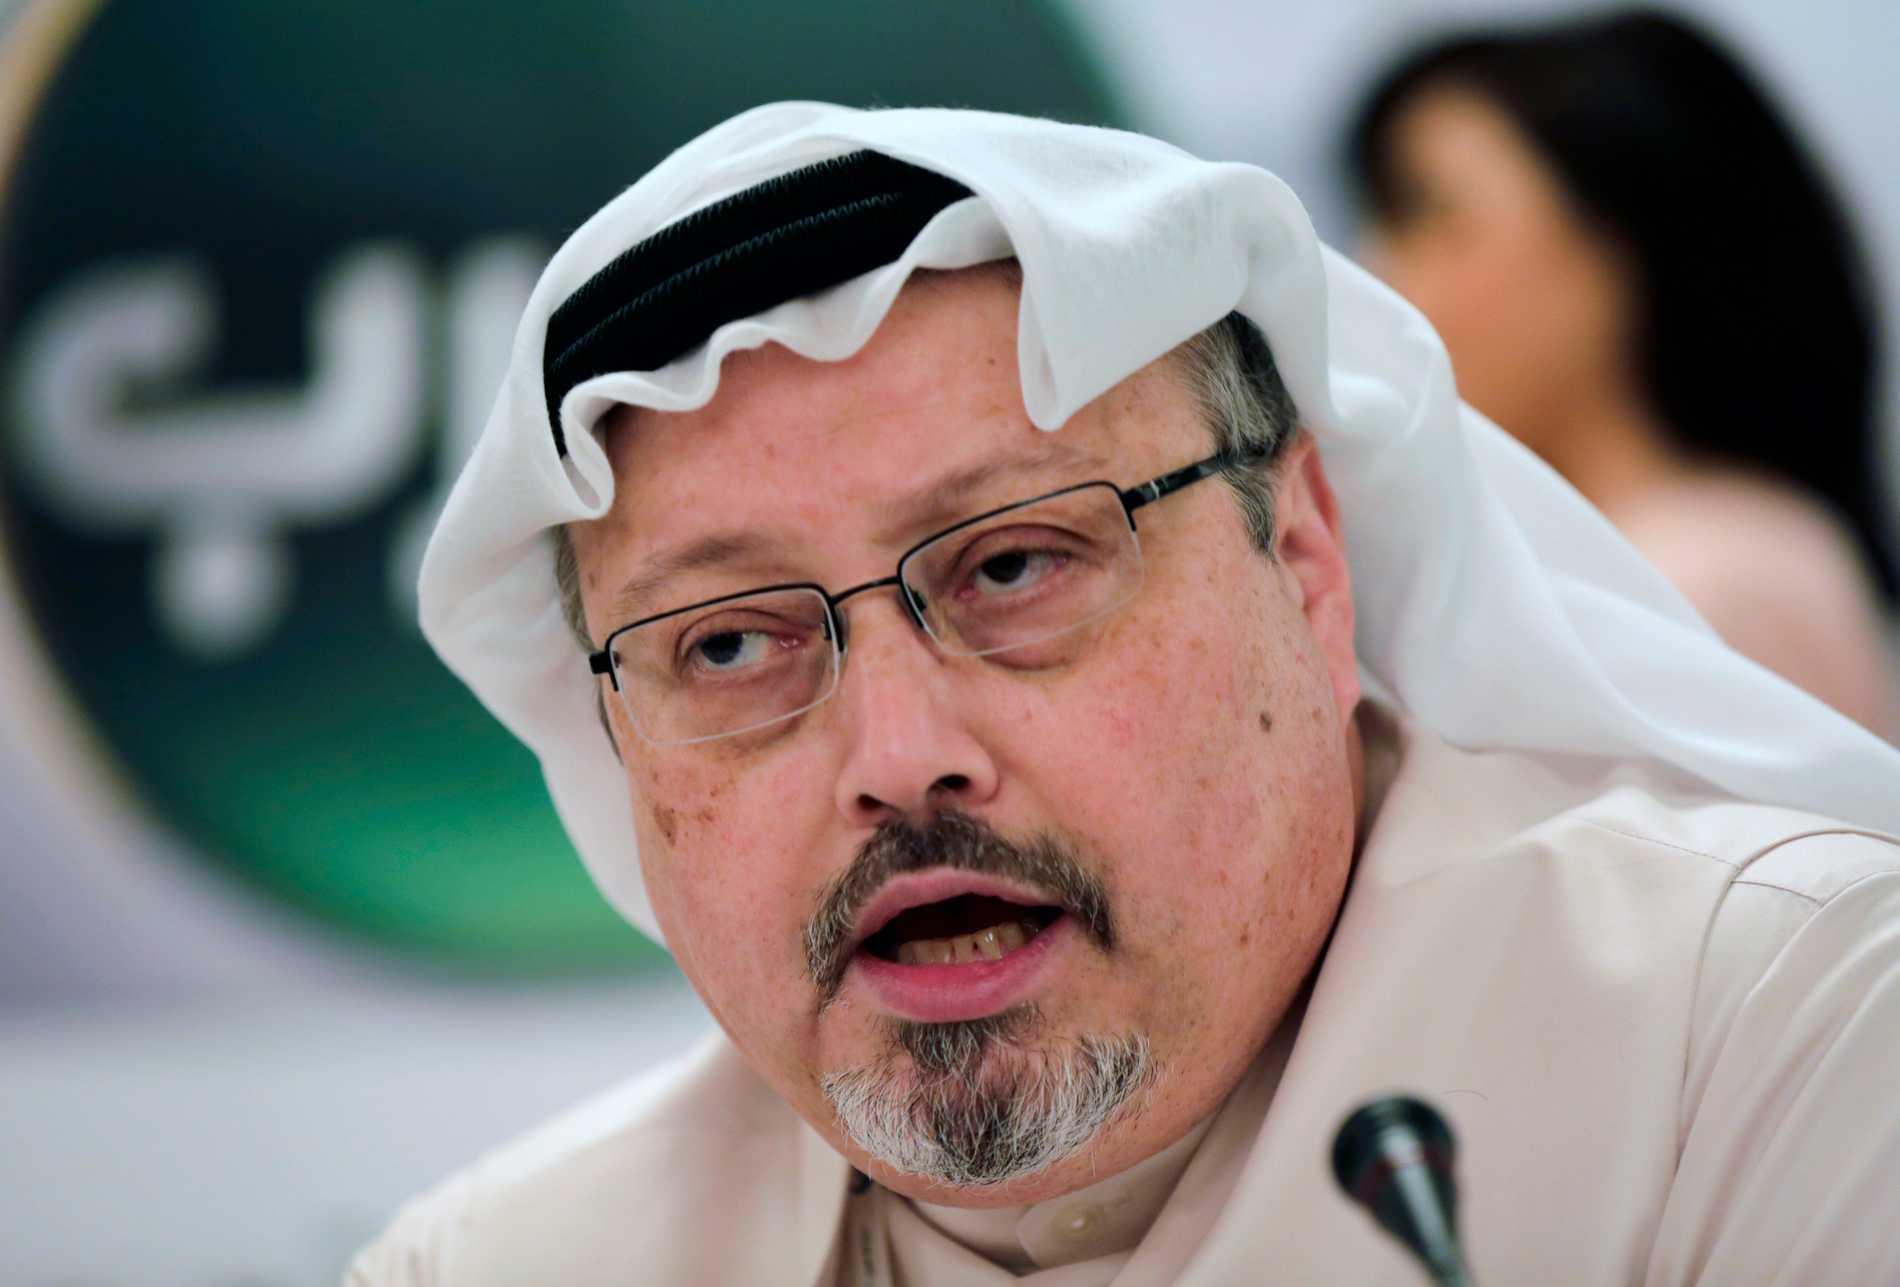 Den regimkritiske saudiske journalisten Jamal Khashoggi mördades i höstas på det saudiska konsulatet i Istanbul i Turkiet.